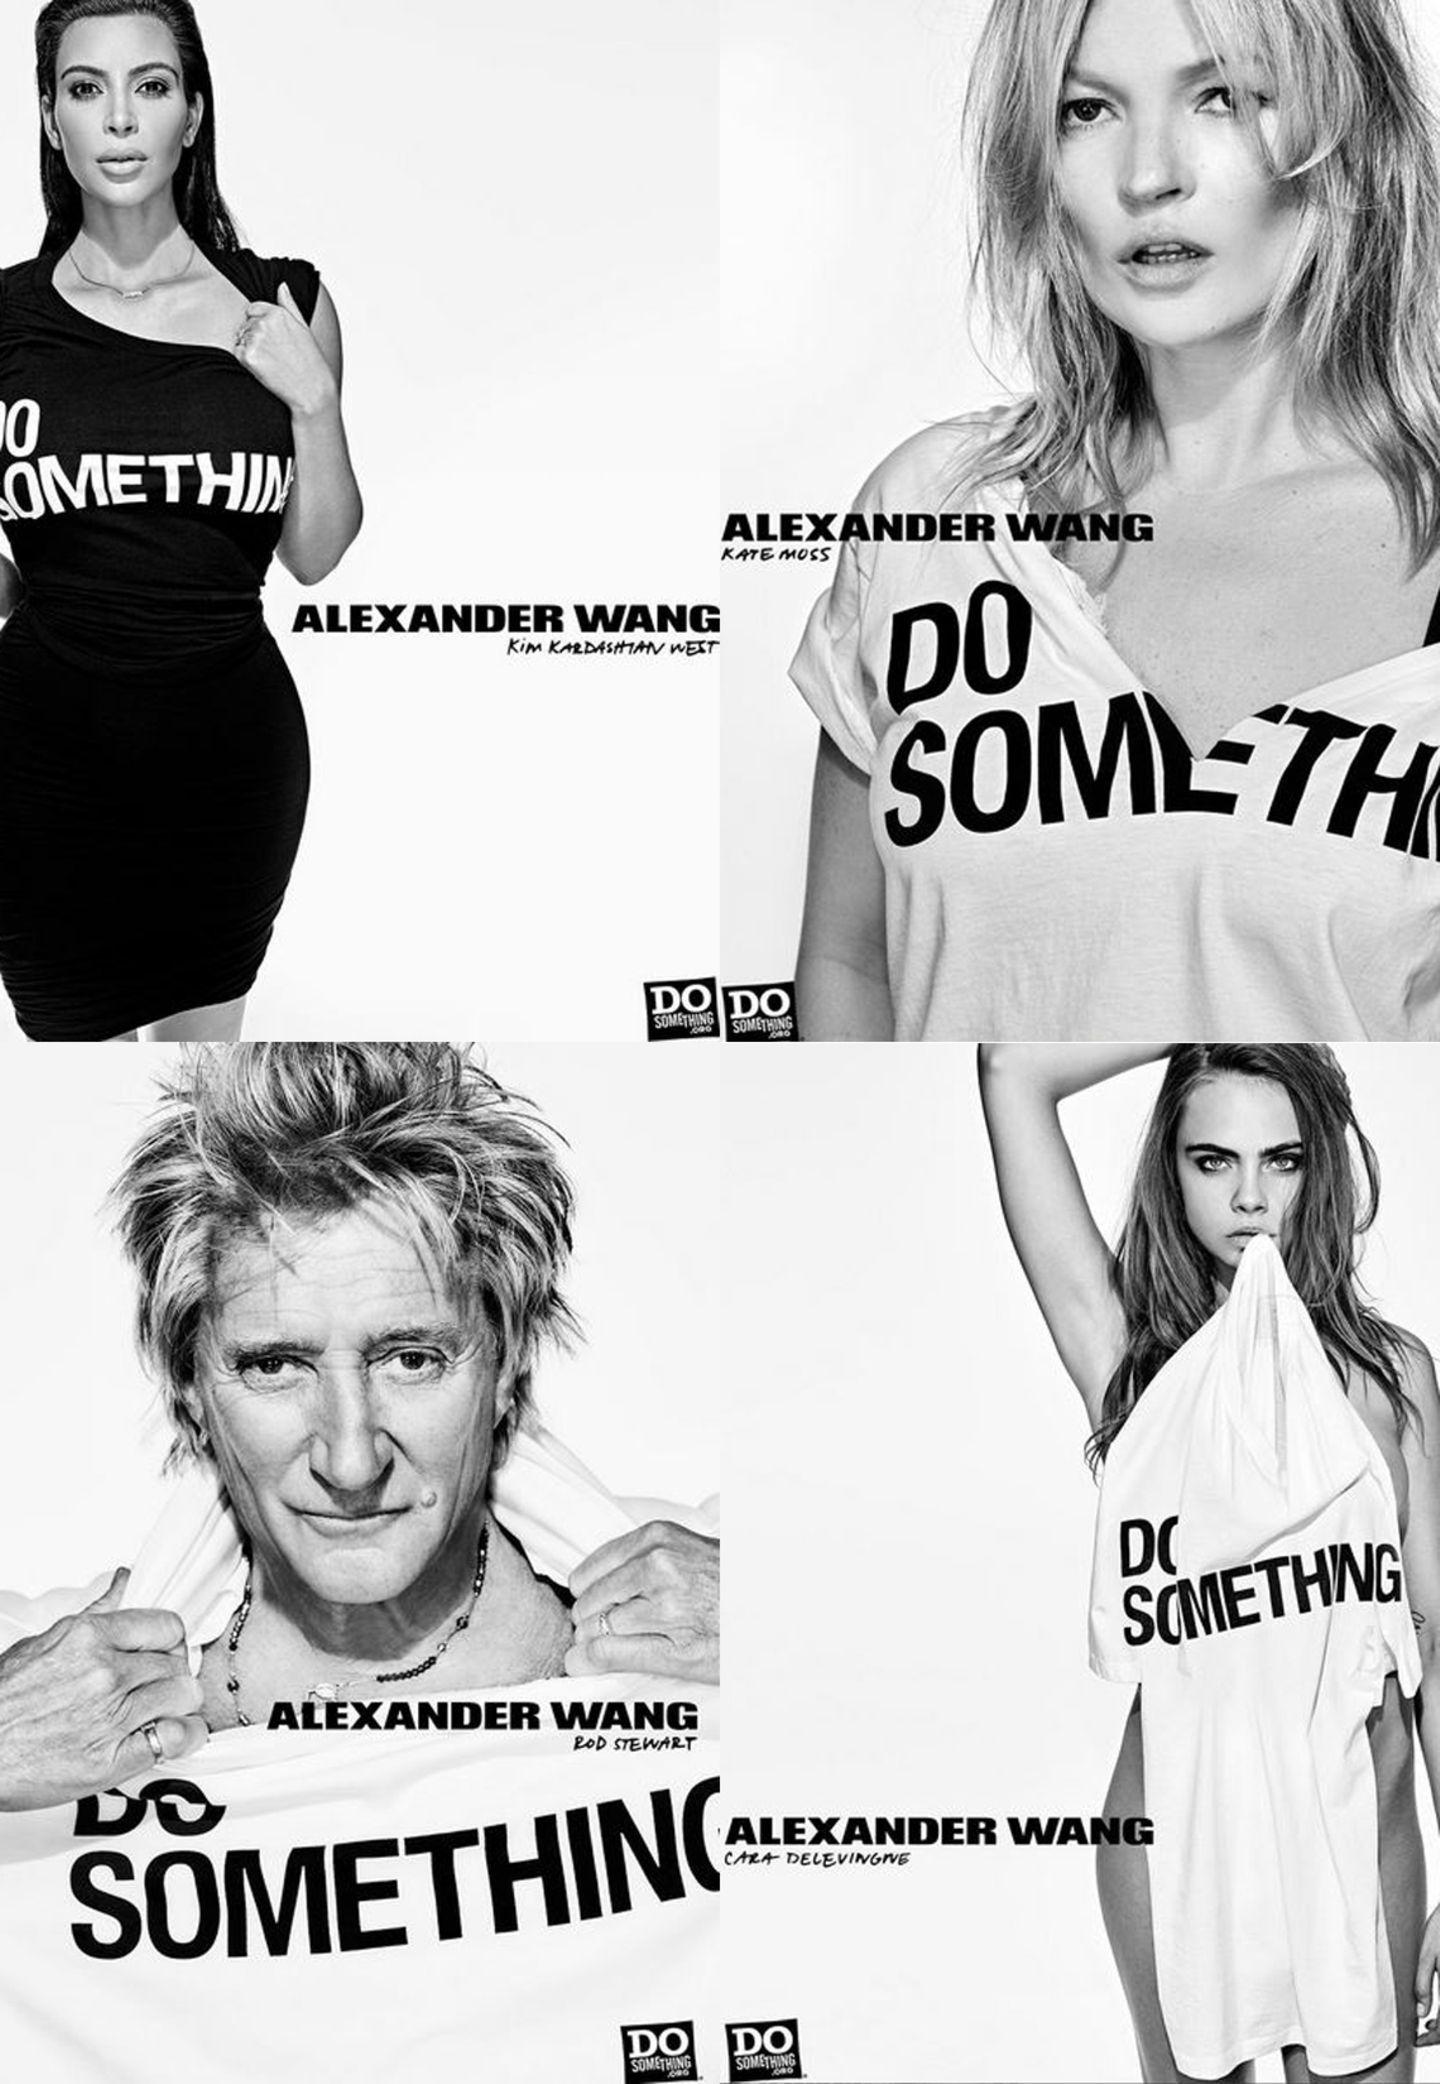 """Do something! Zum zehnjährigen Jubiläum seines Labels entwarf Alexander Wang Shirts und Hoodies, deren Erlös zu 50% an die New Yorker Stiftung """"Do Something"""" geht. Die Organisation hilft mittellosen Jugendlichen dabei, eine Persepektive für ihr Leben zu schaffen. Kim Kardashian, Rod Stewart und Co. leihen Wang ihre Gesichter für die dazugehörige Kampagne. Ingesamt 38 Promi-Freunde helfen mit. Erhältlich ist die Charity-Kollektion ab sofort in allen Alexander Wang Stores."""